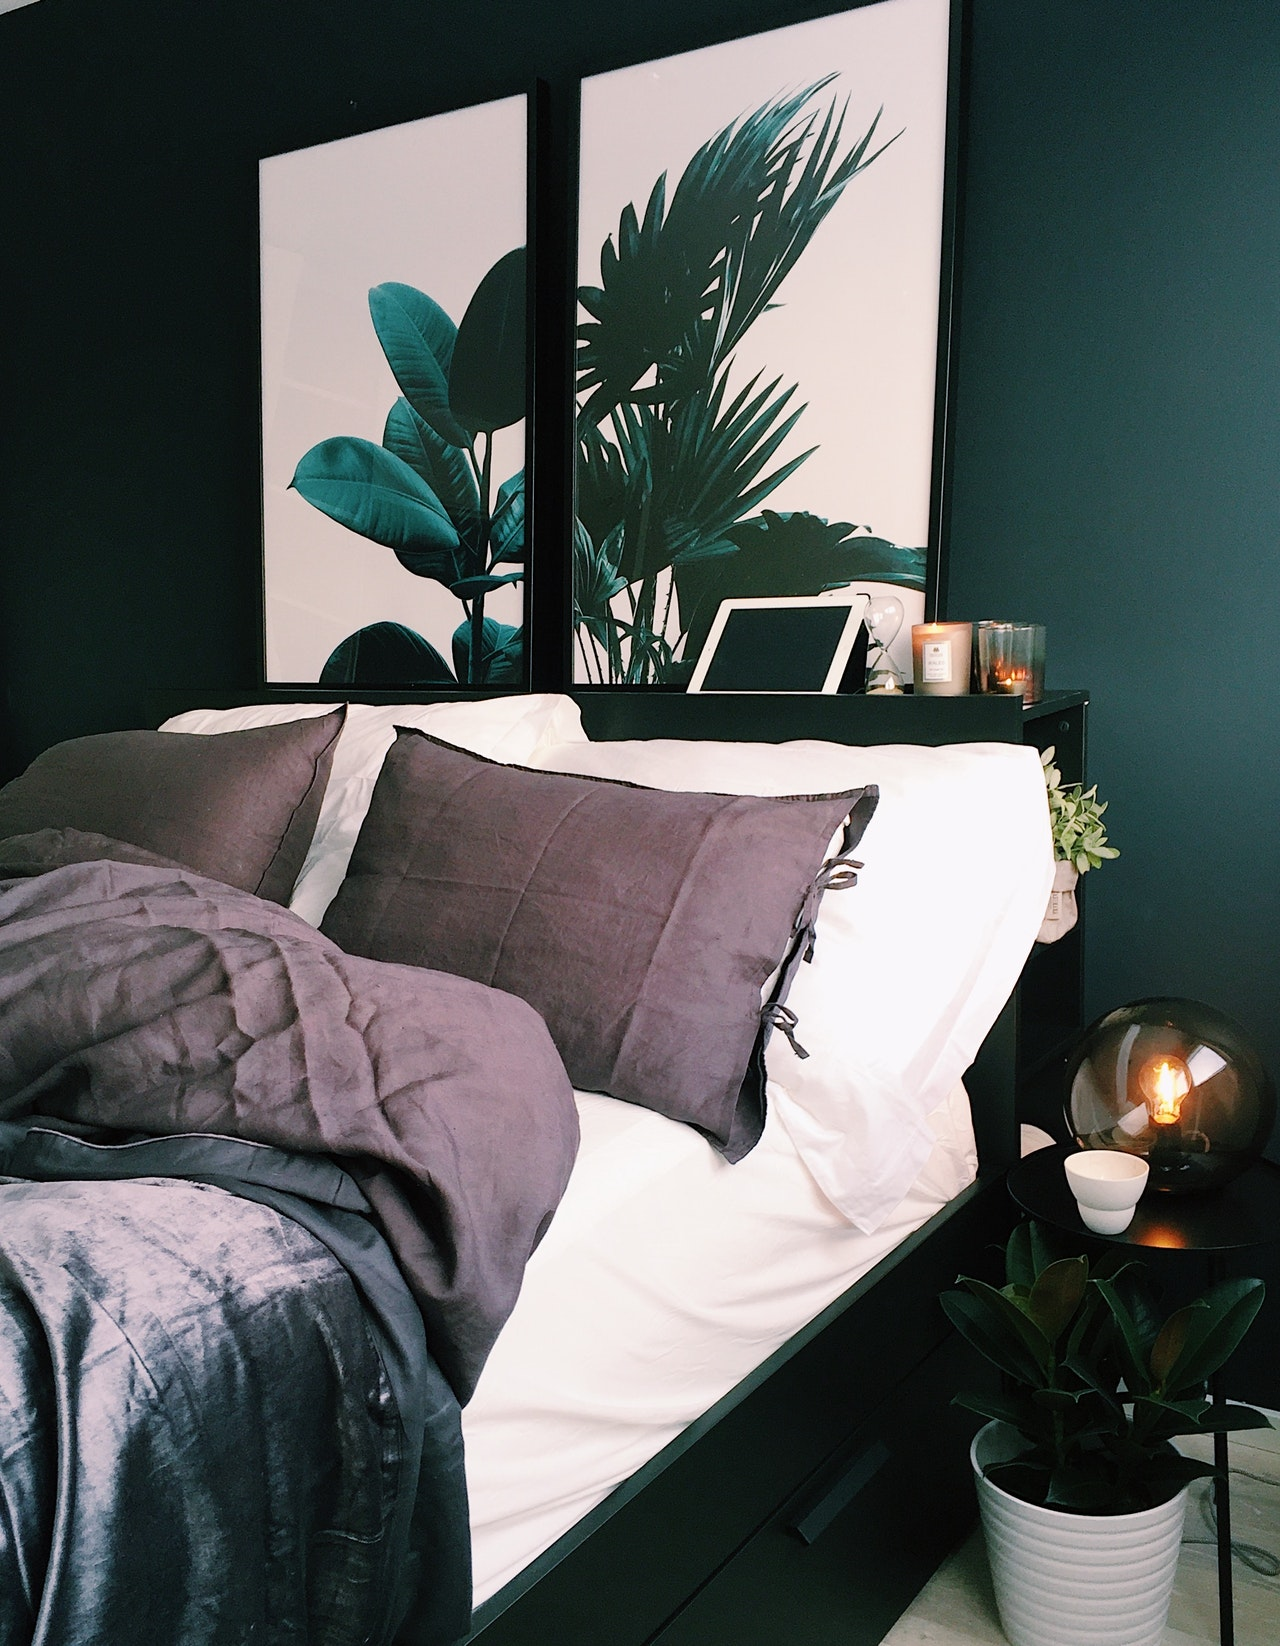 Zo creëer je sfeer in de slaapkamer